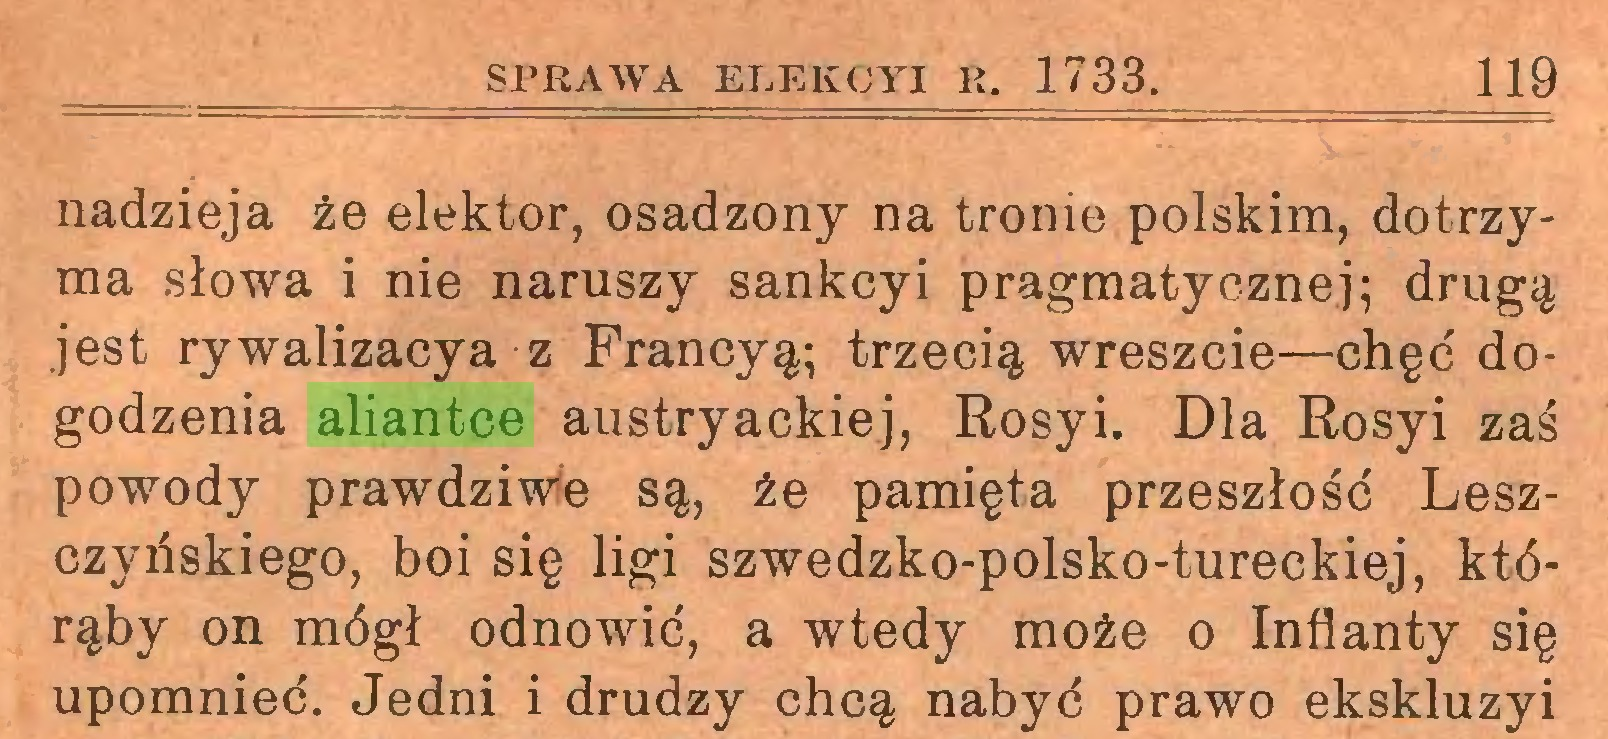 (...) SPRAWA EREKCYI R. 1733. 119 nadzieja że elektor, osadzony na tronie polskim, dotrzyma słowa i nie naruszy sankcyi pragmatycznej; drugą jest rywalizacya z Francyą; trzecią wreszcie—chęć dogodzenia aliantce austryackiej, Rosyi. Dla Rosyi zaś powody prawdziwe są, że pamięta przeszłość Leszczyńskiego, boi się ligi szwedzko-polsko-tureckiej, którąby on mógł odnowić, a wtedy może o Inflanty się upomnieć. Jedni i drudzy chcą nabyć prawo ekskluzyi...